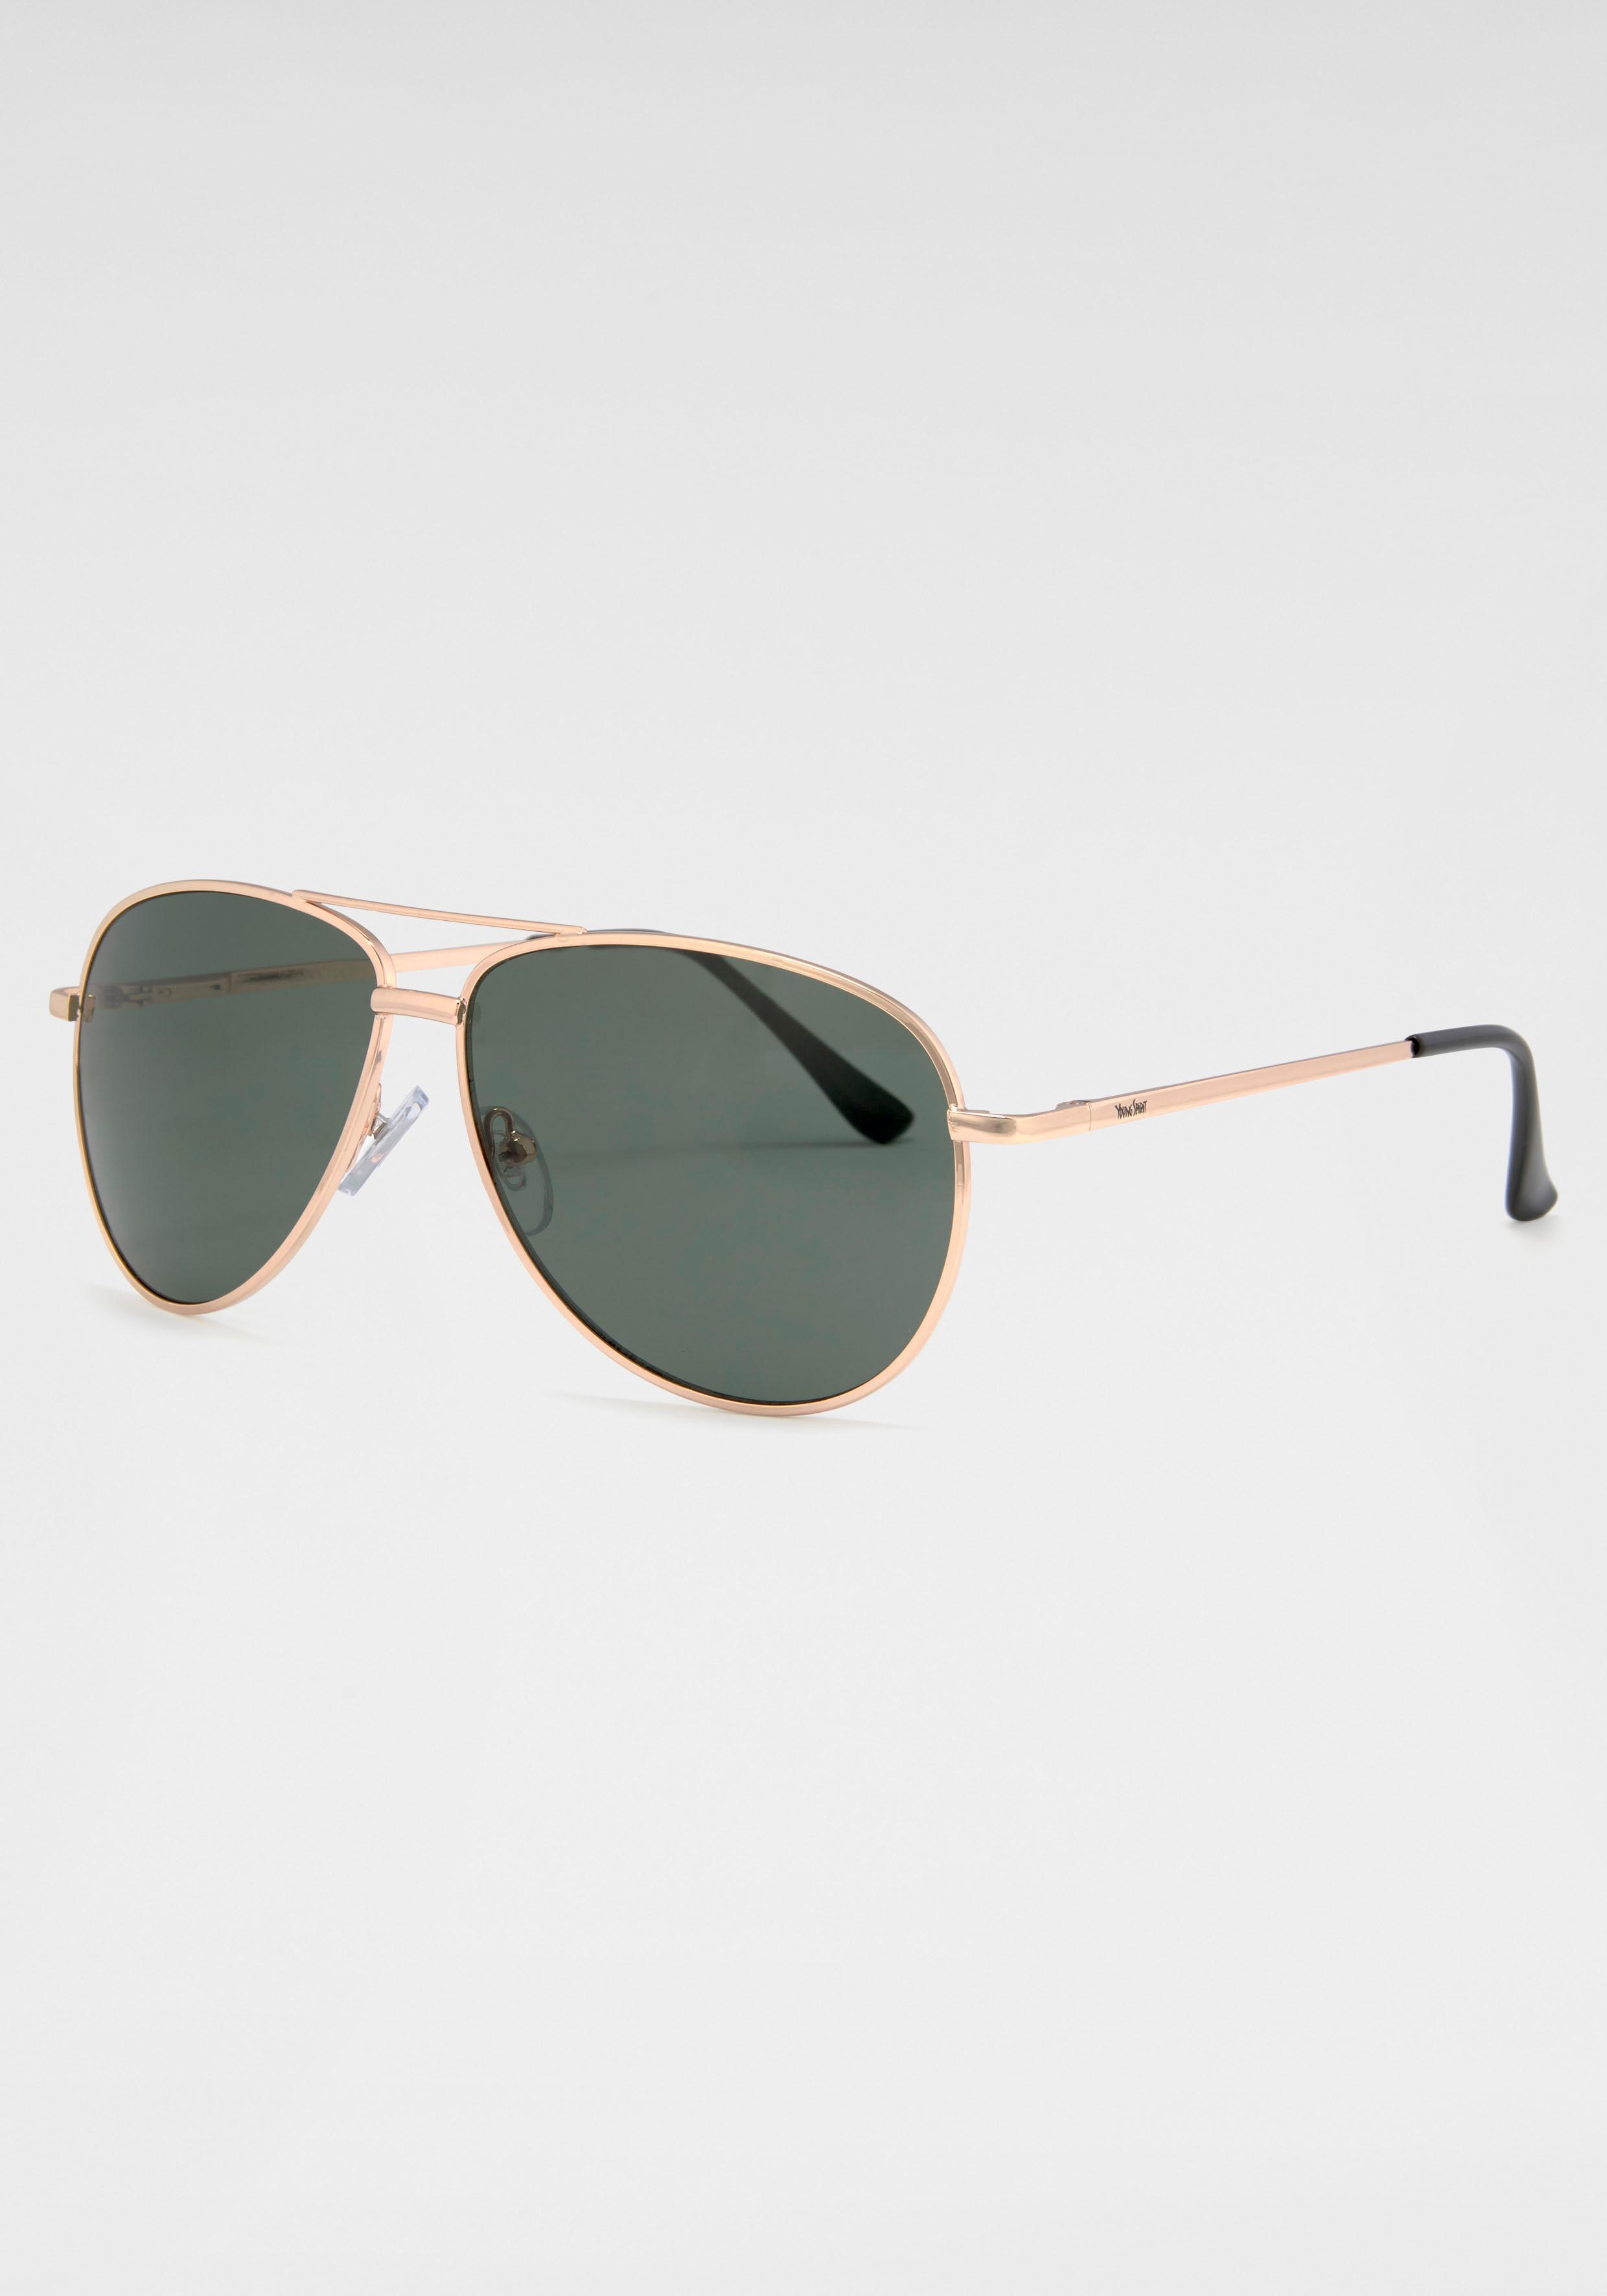 YOUNG SPIRIT LONDON Eyewear Pilotenbrille | Accessoires > Sonnenbrillen > Pilotenbrille | YOUNG SPIRIT